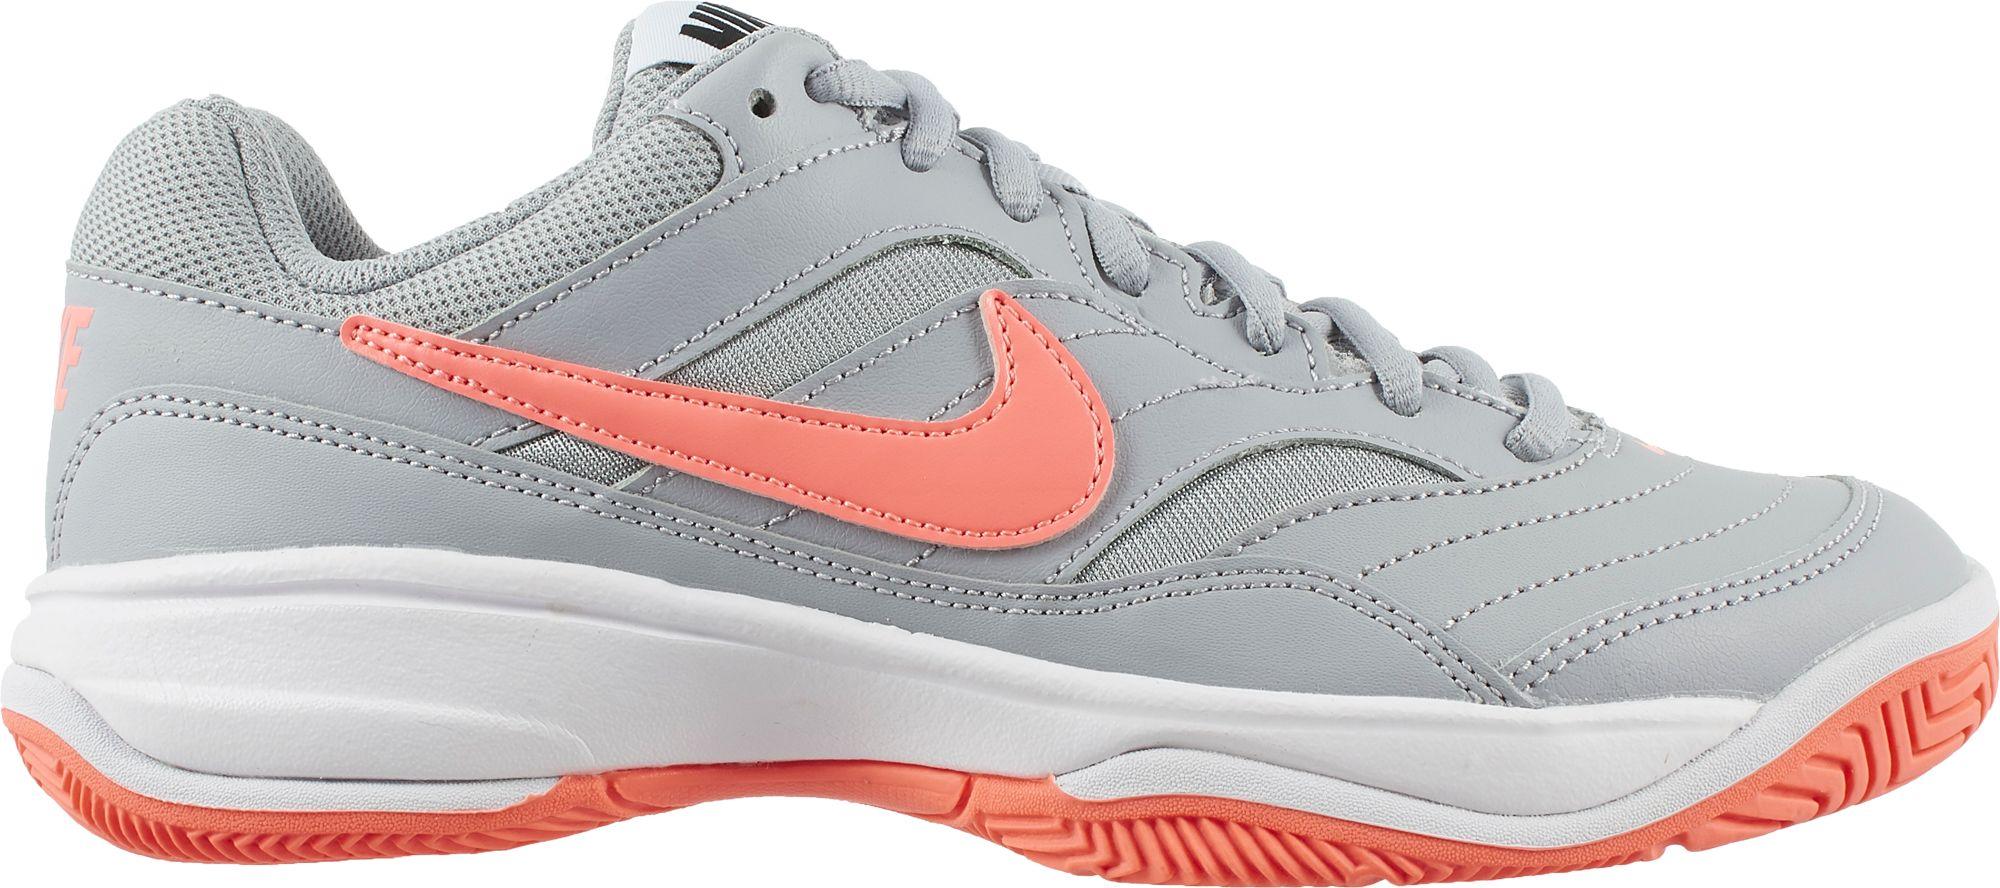 tennis shoes for women nike womenu0027s court lite tennis shoes | dicku0027s sporting goods YKMLMGZ